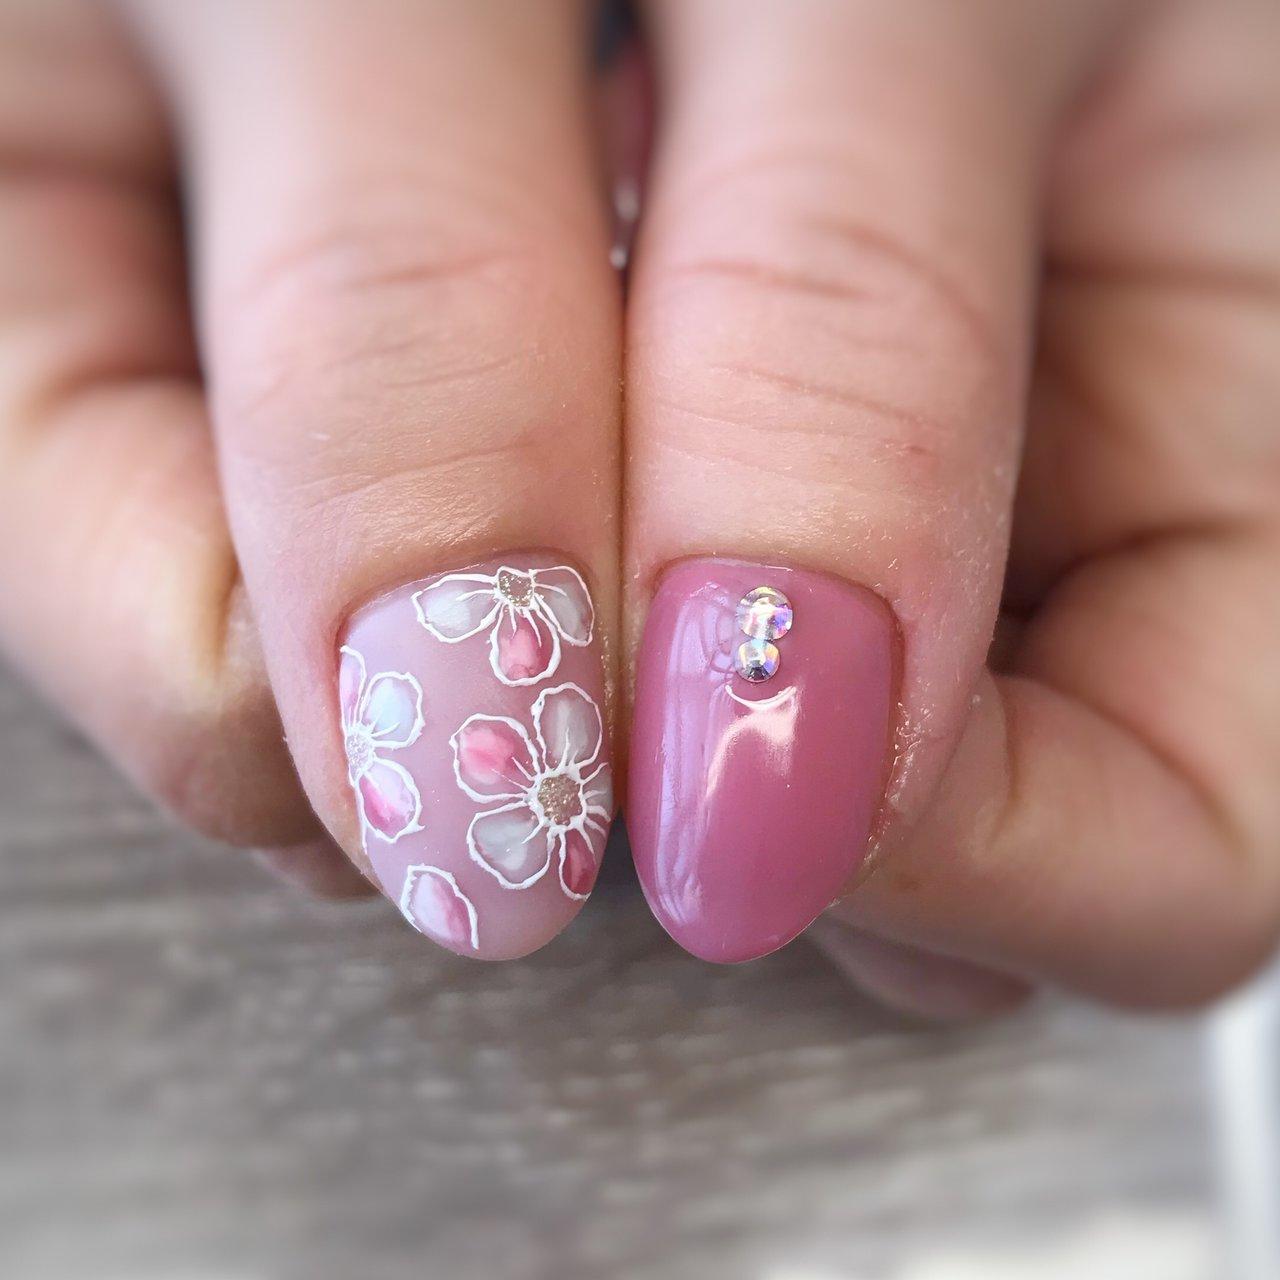 #フラワーネイル#春ネイル #nail salon PROTEA #ネイルブック